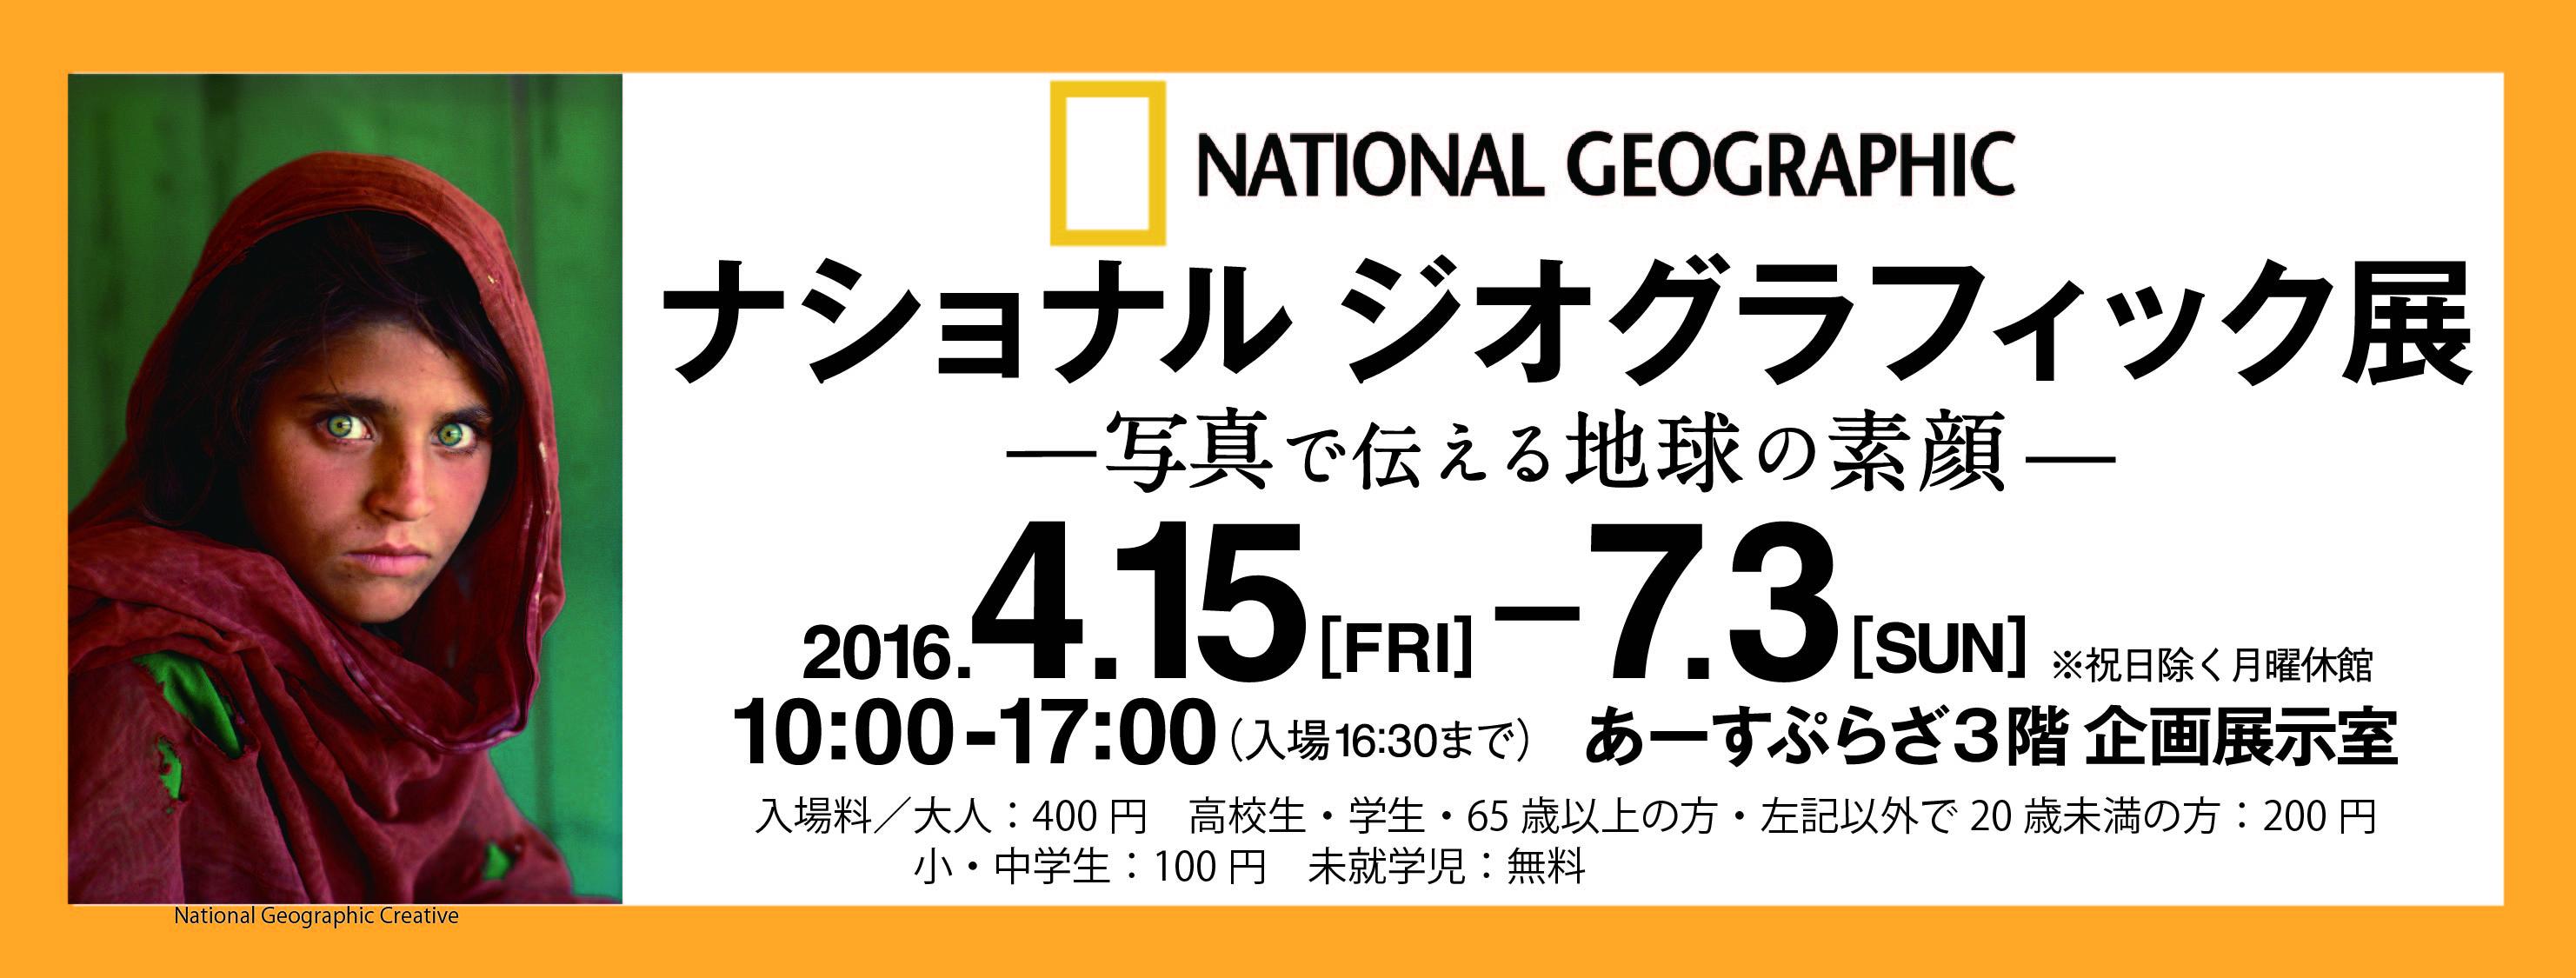 ナショナルジオグラフィック展